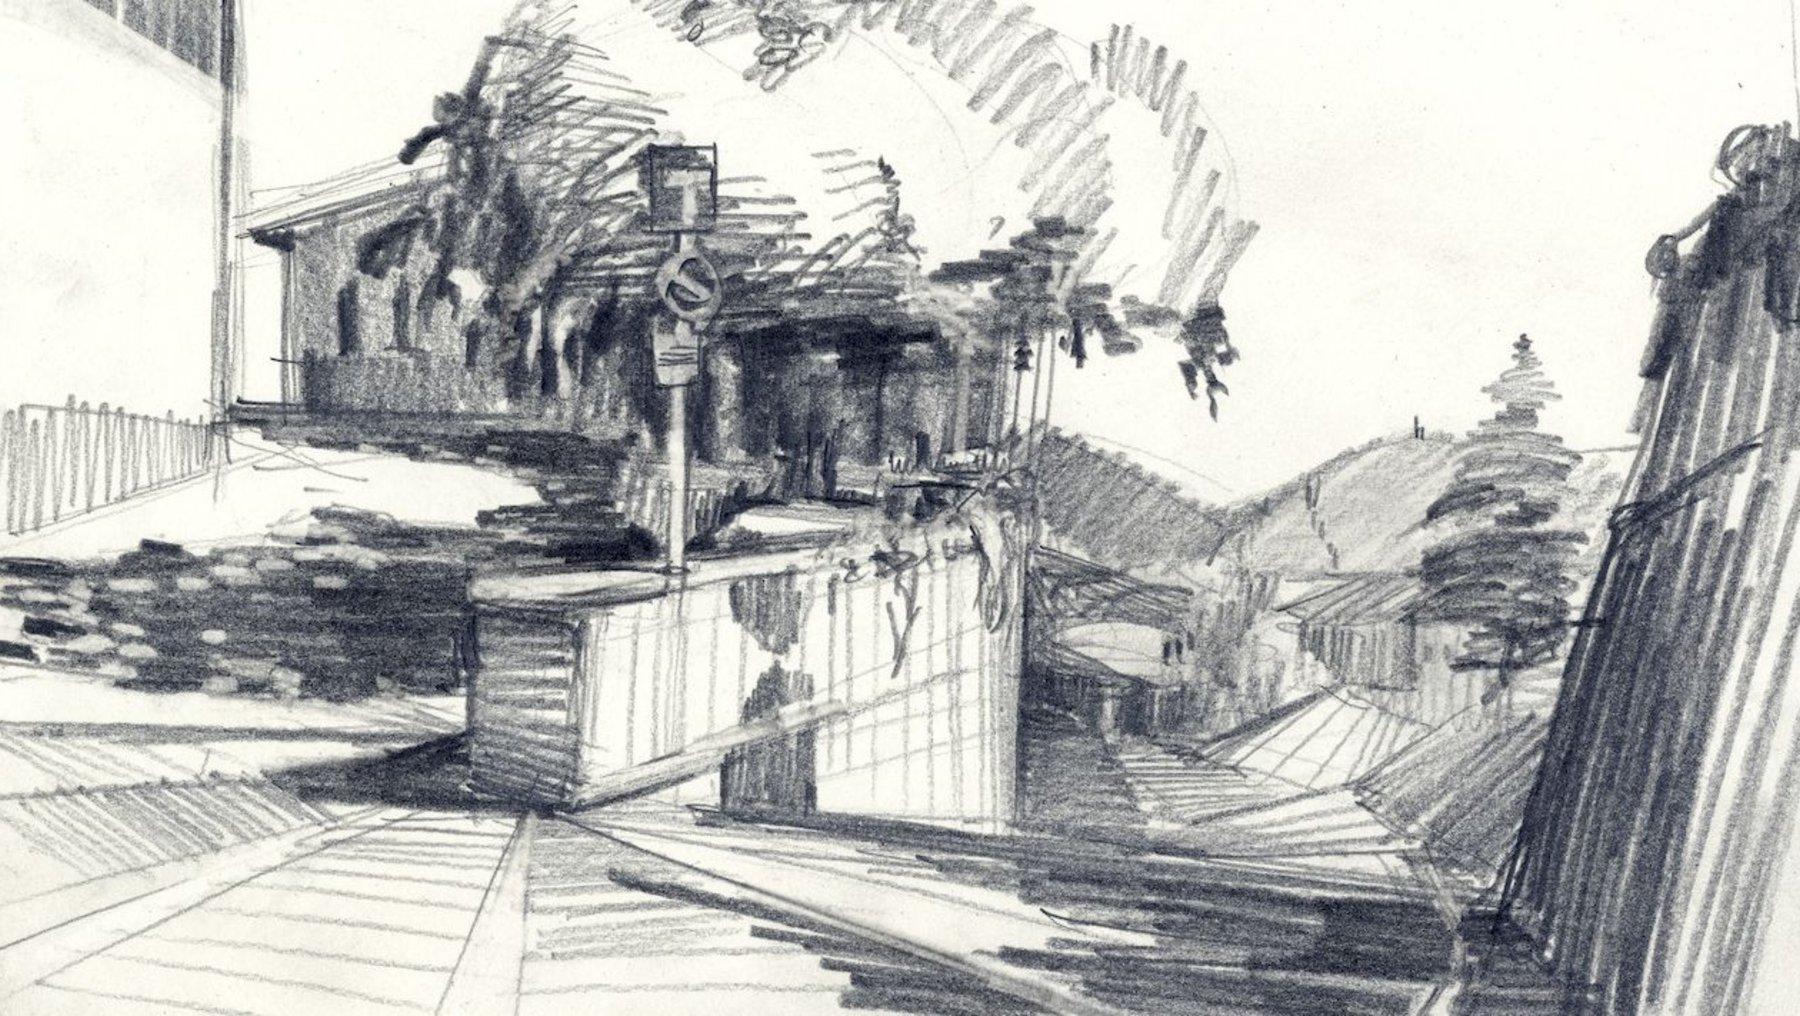 Bergamo - Architekturzeichnung Carl Constantin Weber